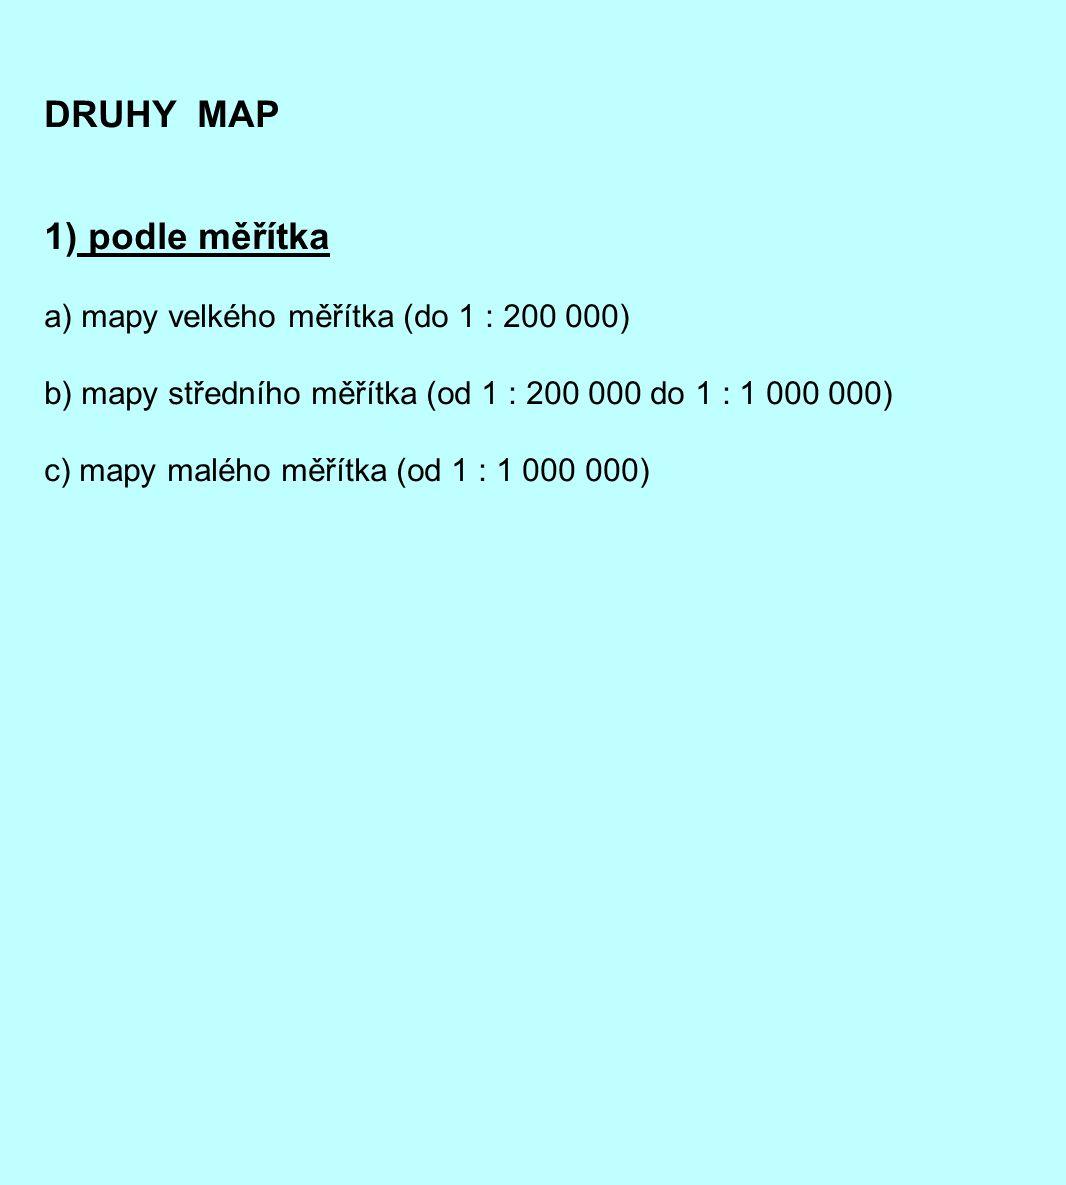 DRUHY MAP 1) podle měřítka a) mapy velkého měřítka (do 1 : 200 000) b) mapy středního měřítka (od 1 : 200 000 do 1 : 1 000 000) c) mapy malého měřítka